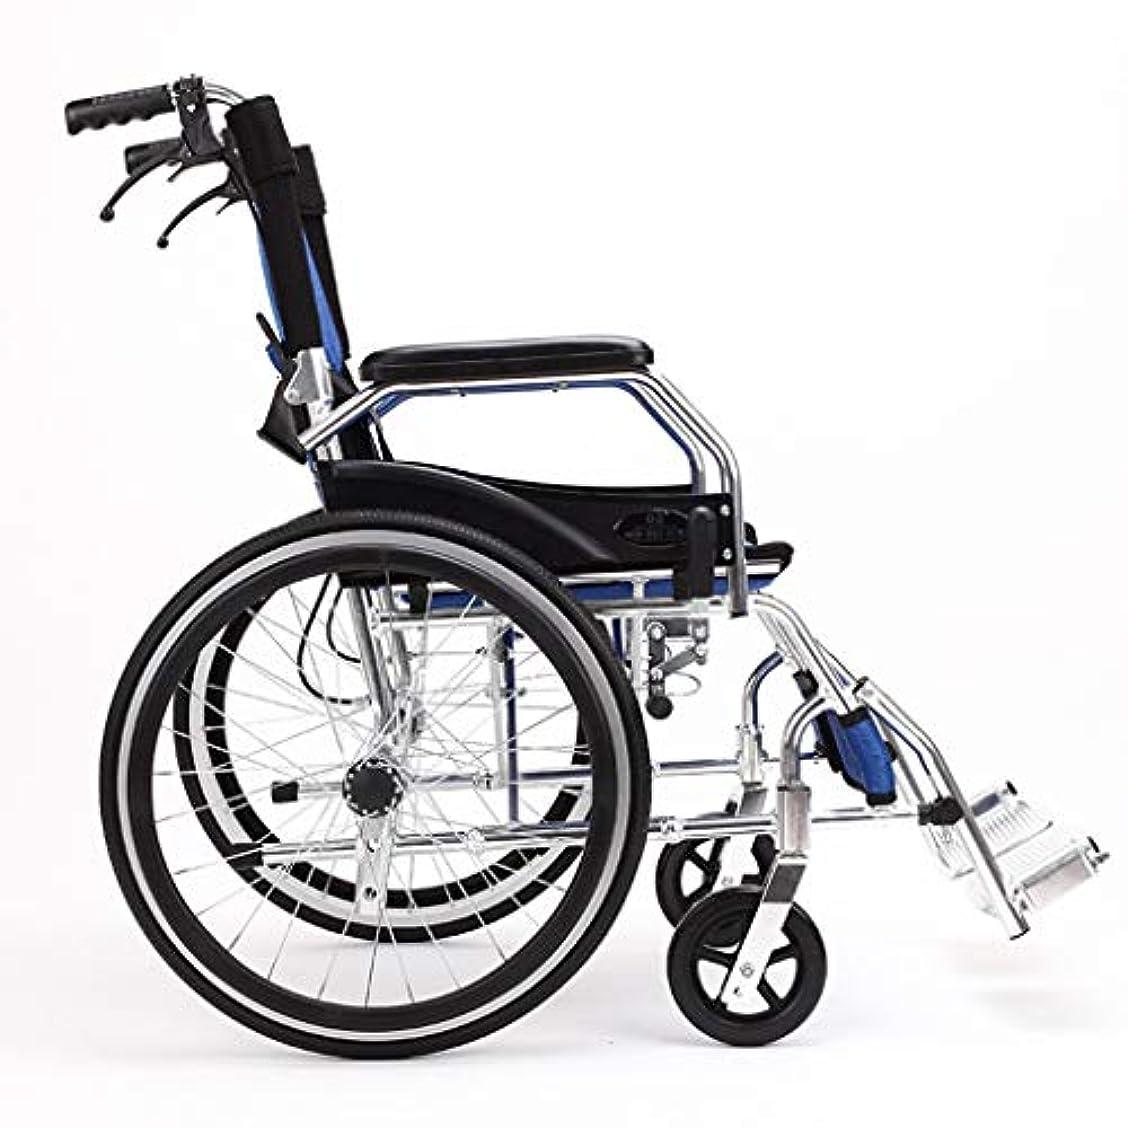 フルーツ野菜学部平らな折りたたみ式車椅子超軽量ポータブル、20インチPUタイヤ、高齢者障害者手押し車椅子